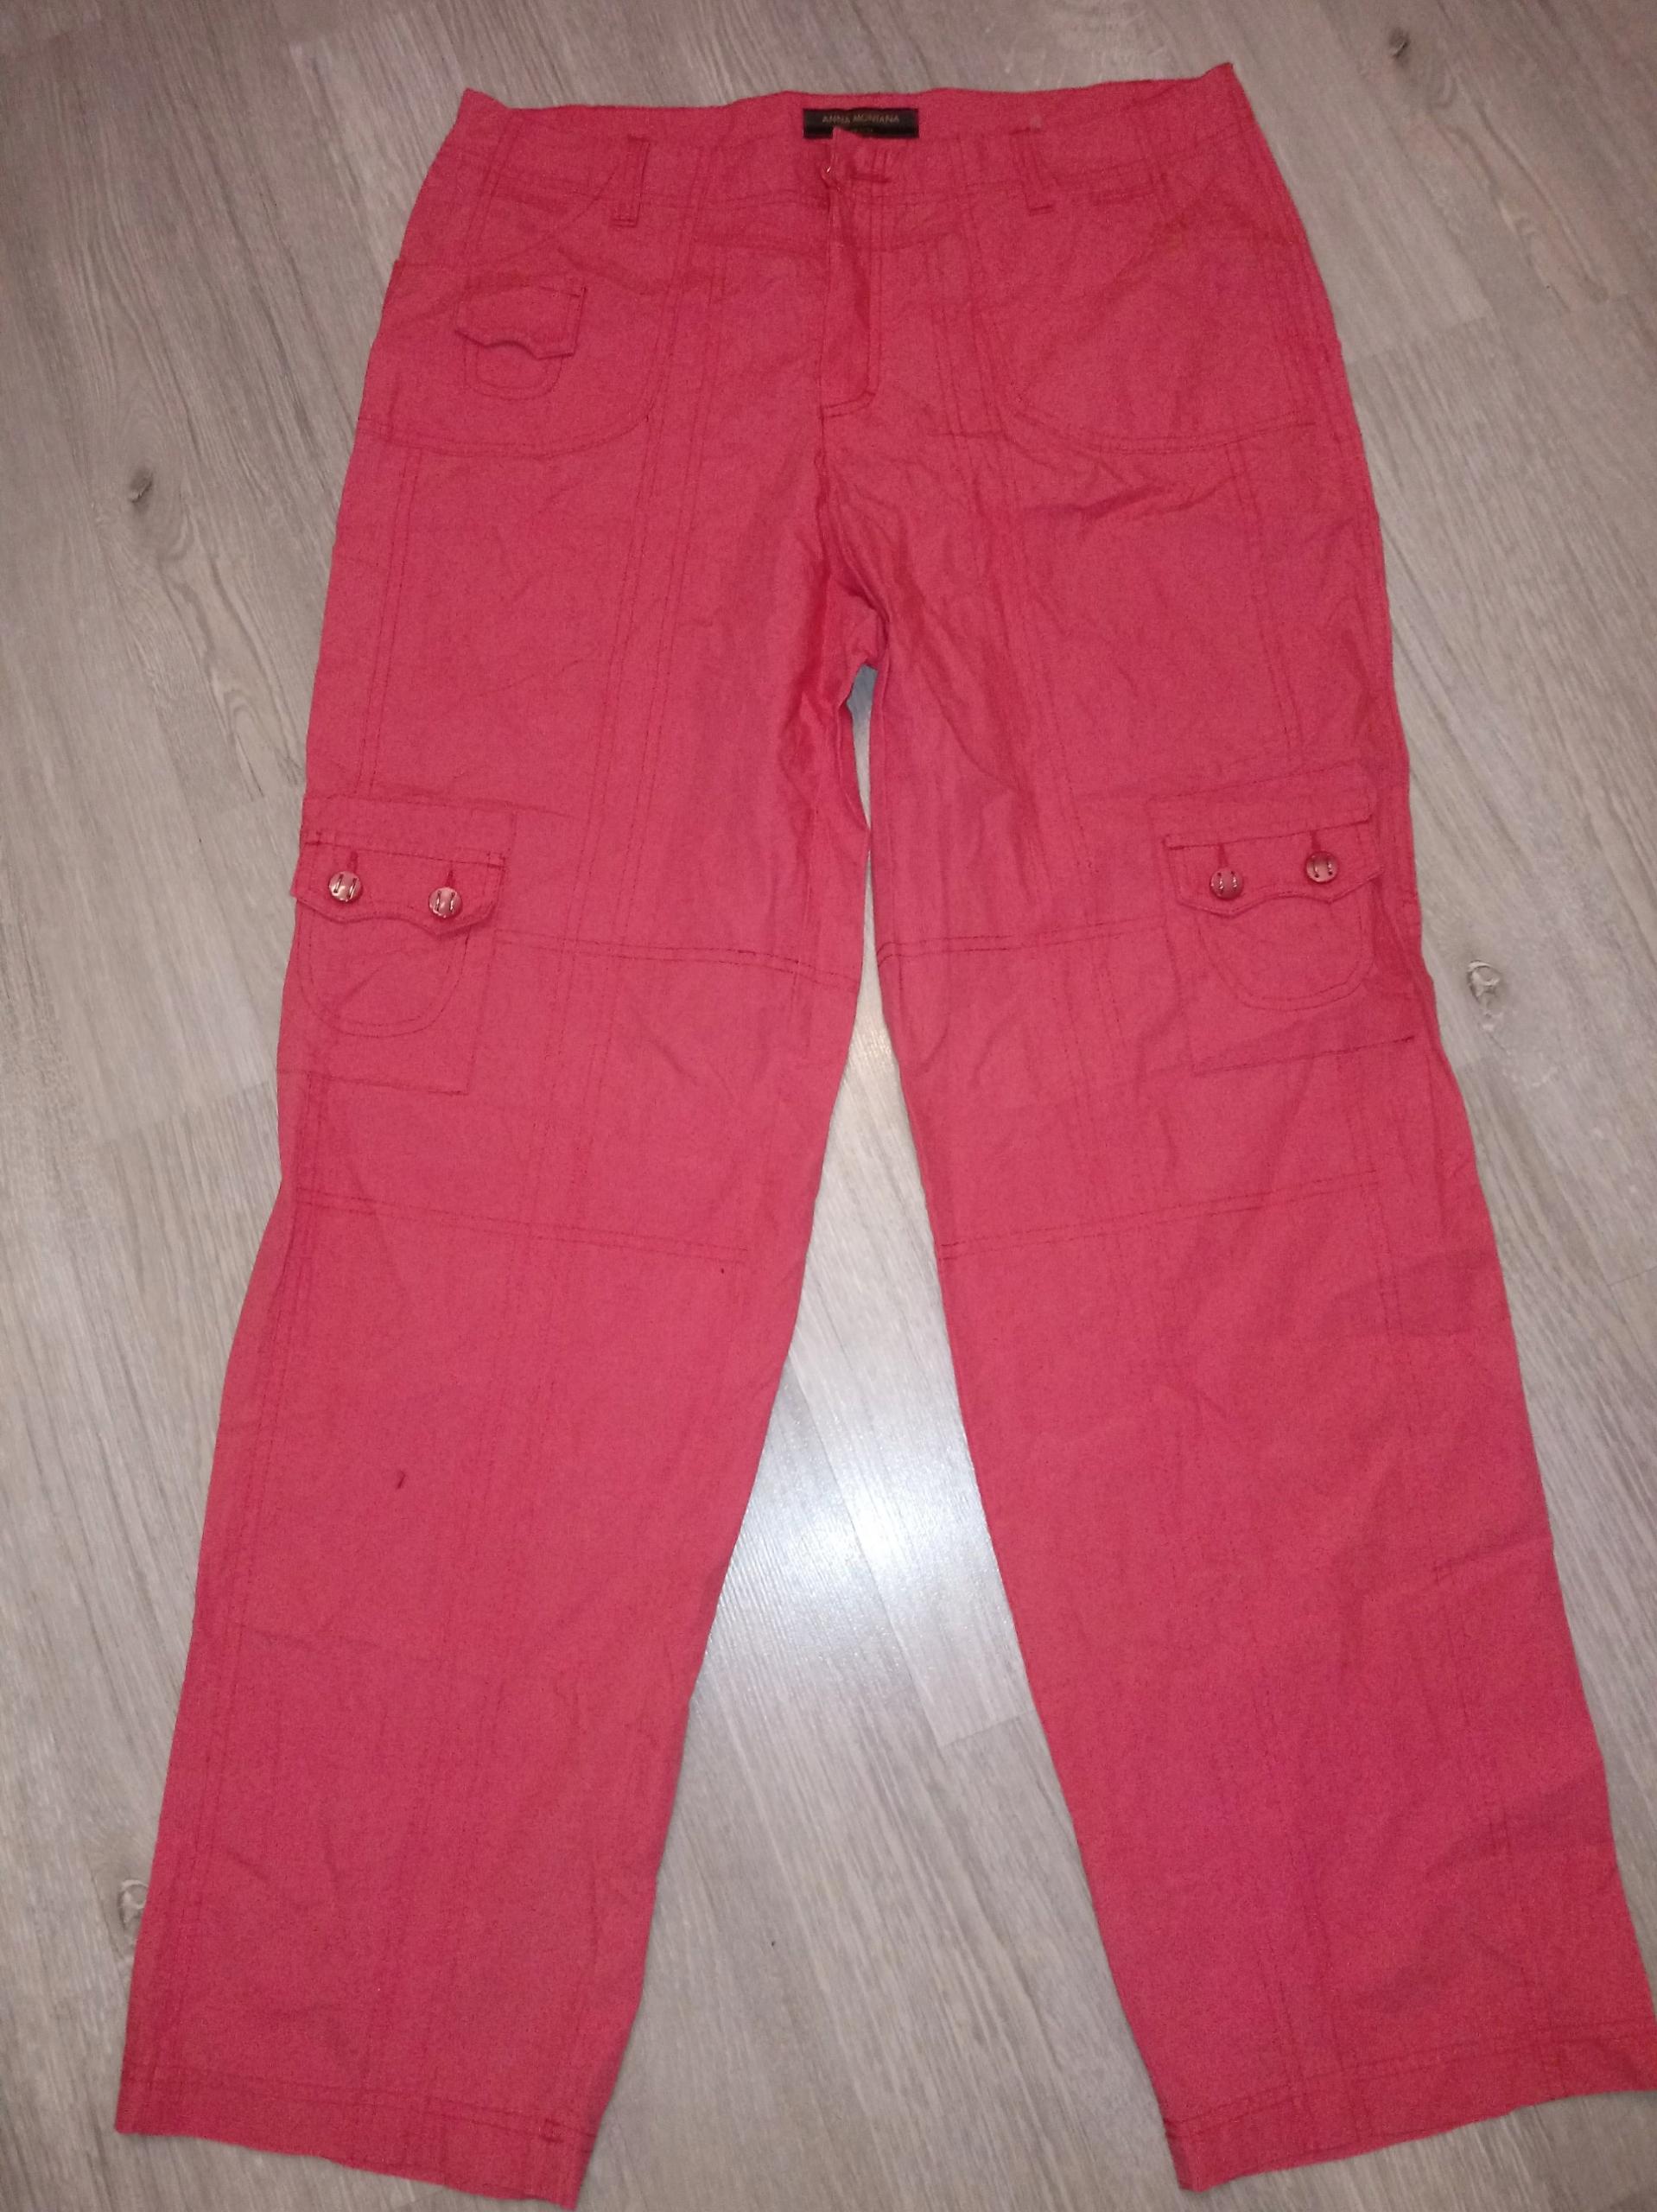 53426d229aa7 Spodnie damskie bojówki r.46 super stan różowe - 7700472153 ...